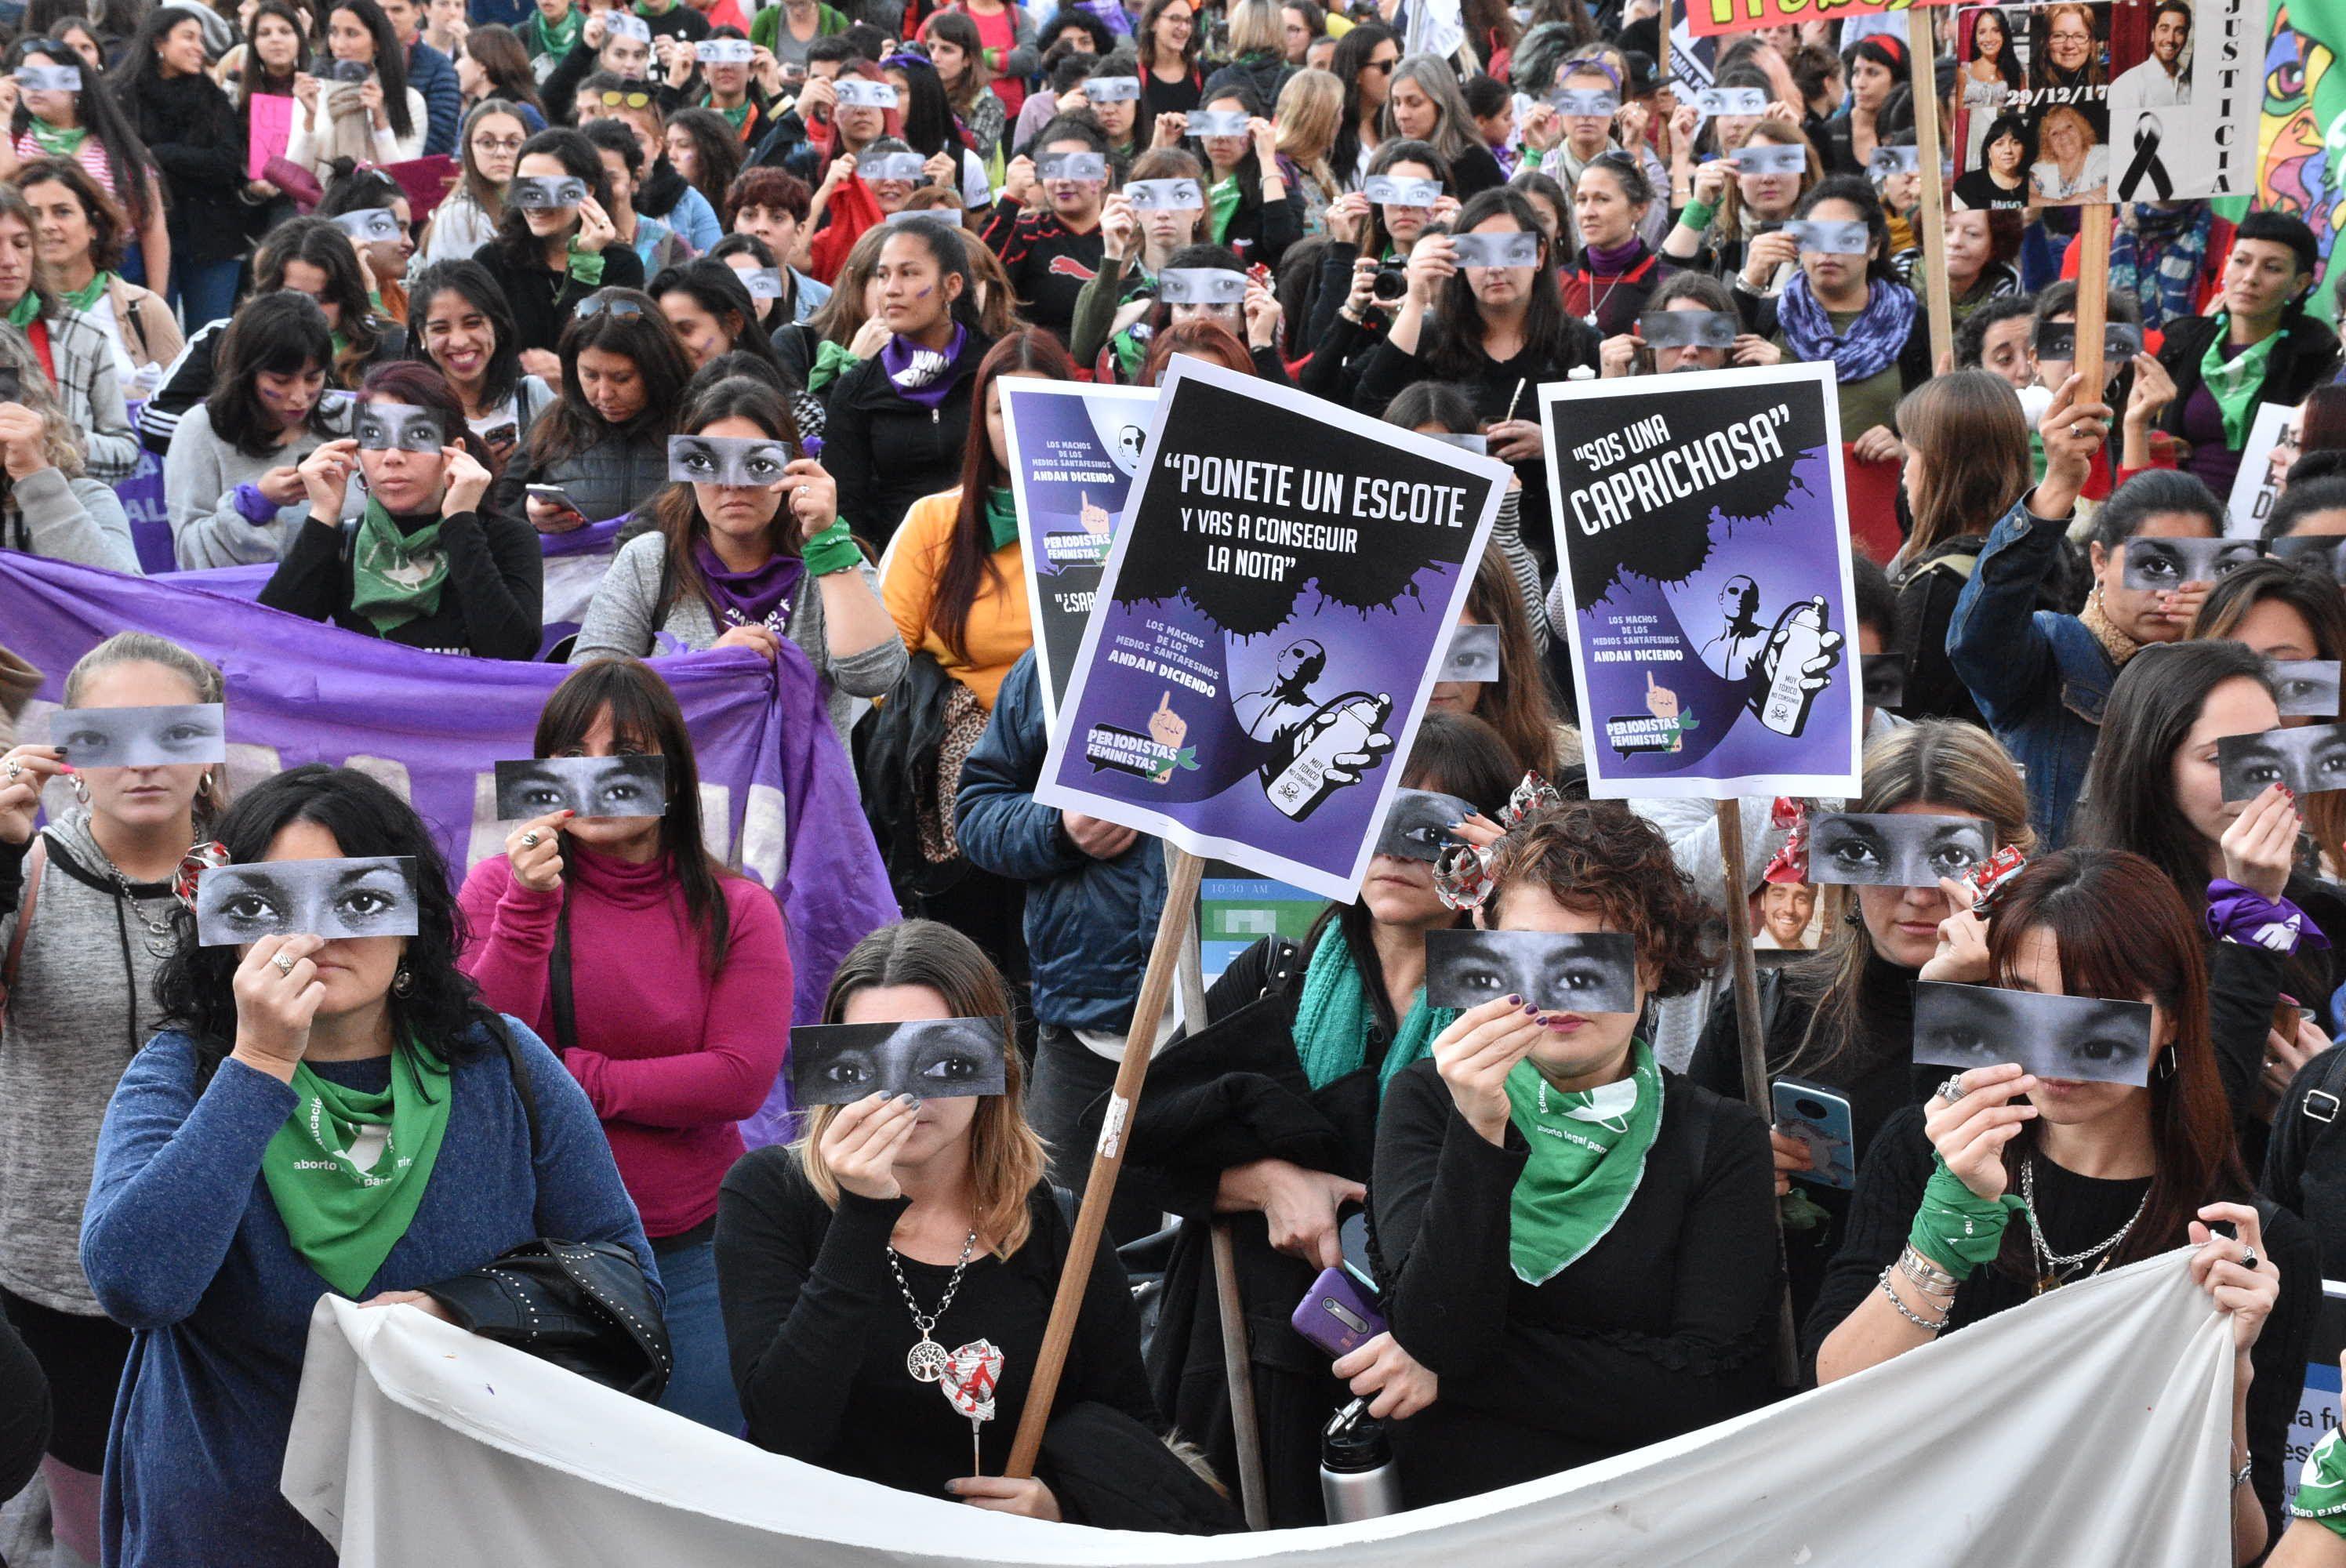 El Gobierno registró 216 femicidios en lo que va de 2019